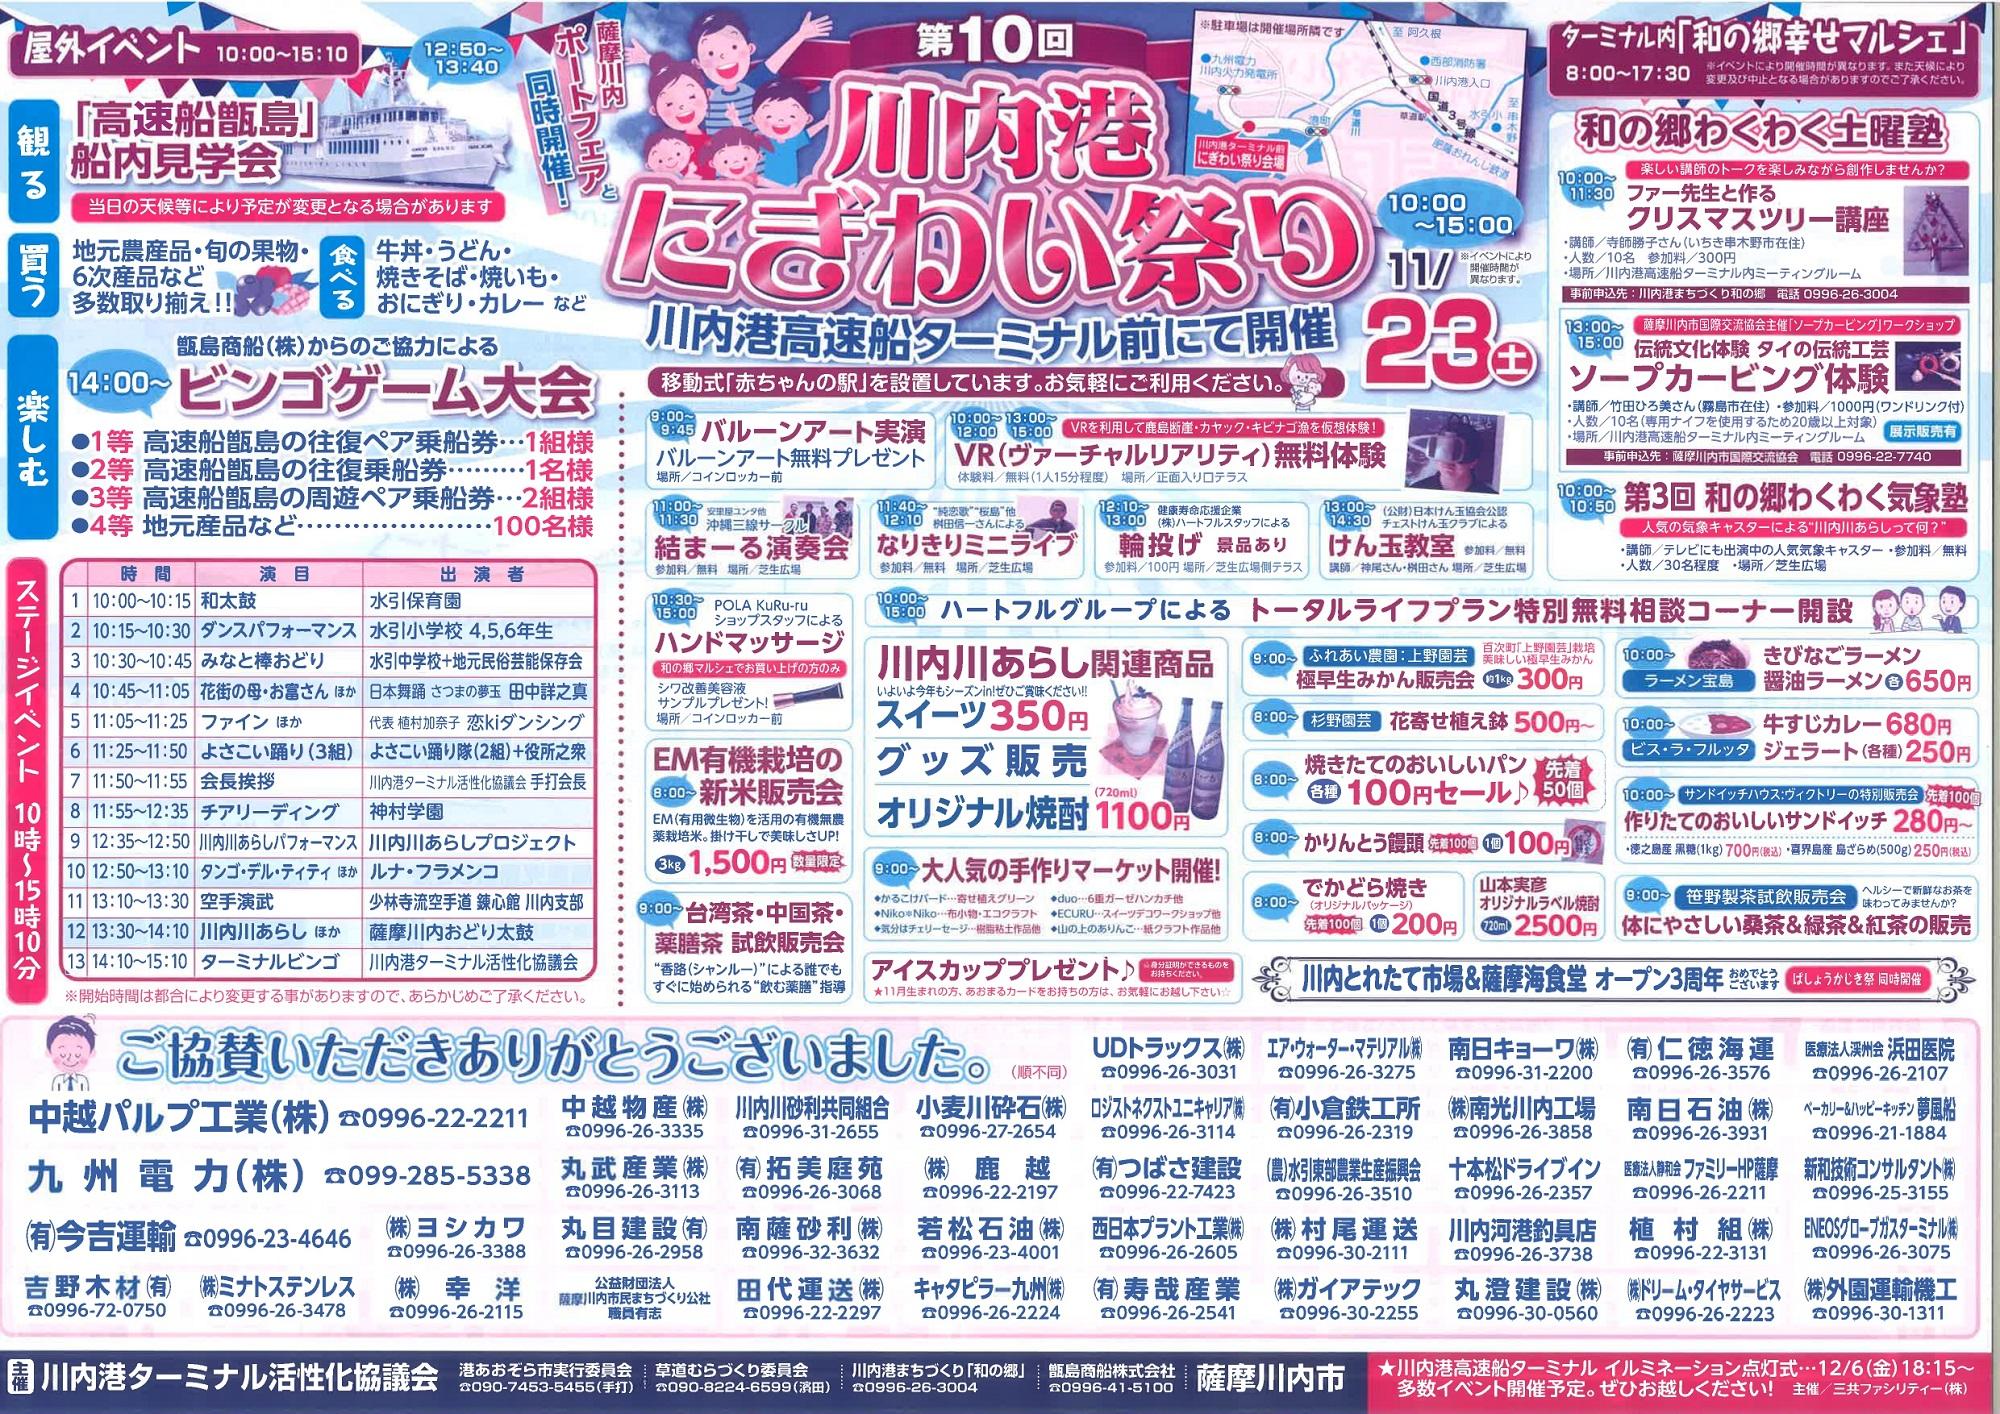 第5回薩摩川内ポートフェア・第10回川内港にぎわい祭り